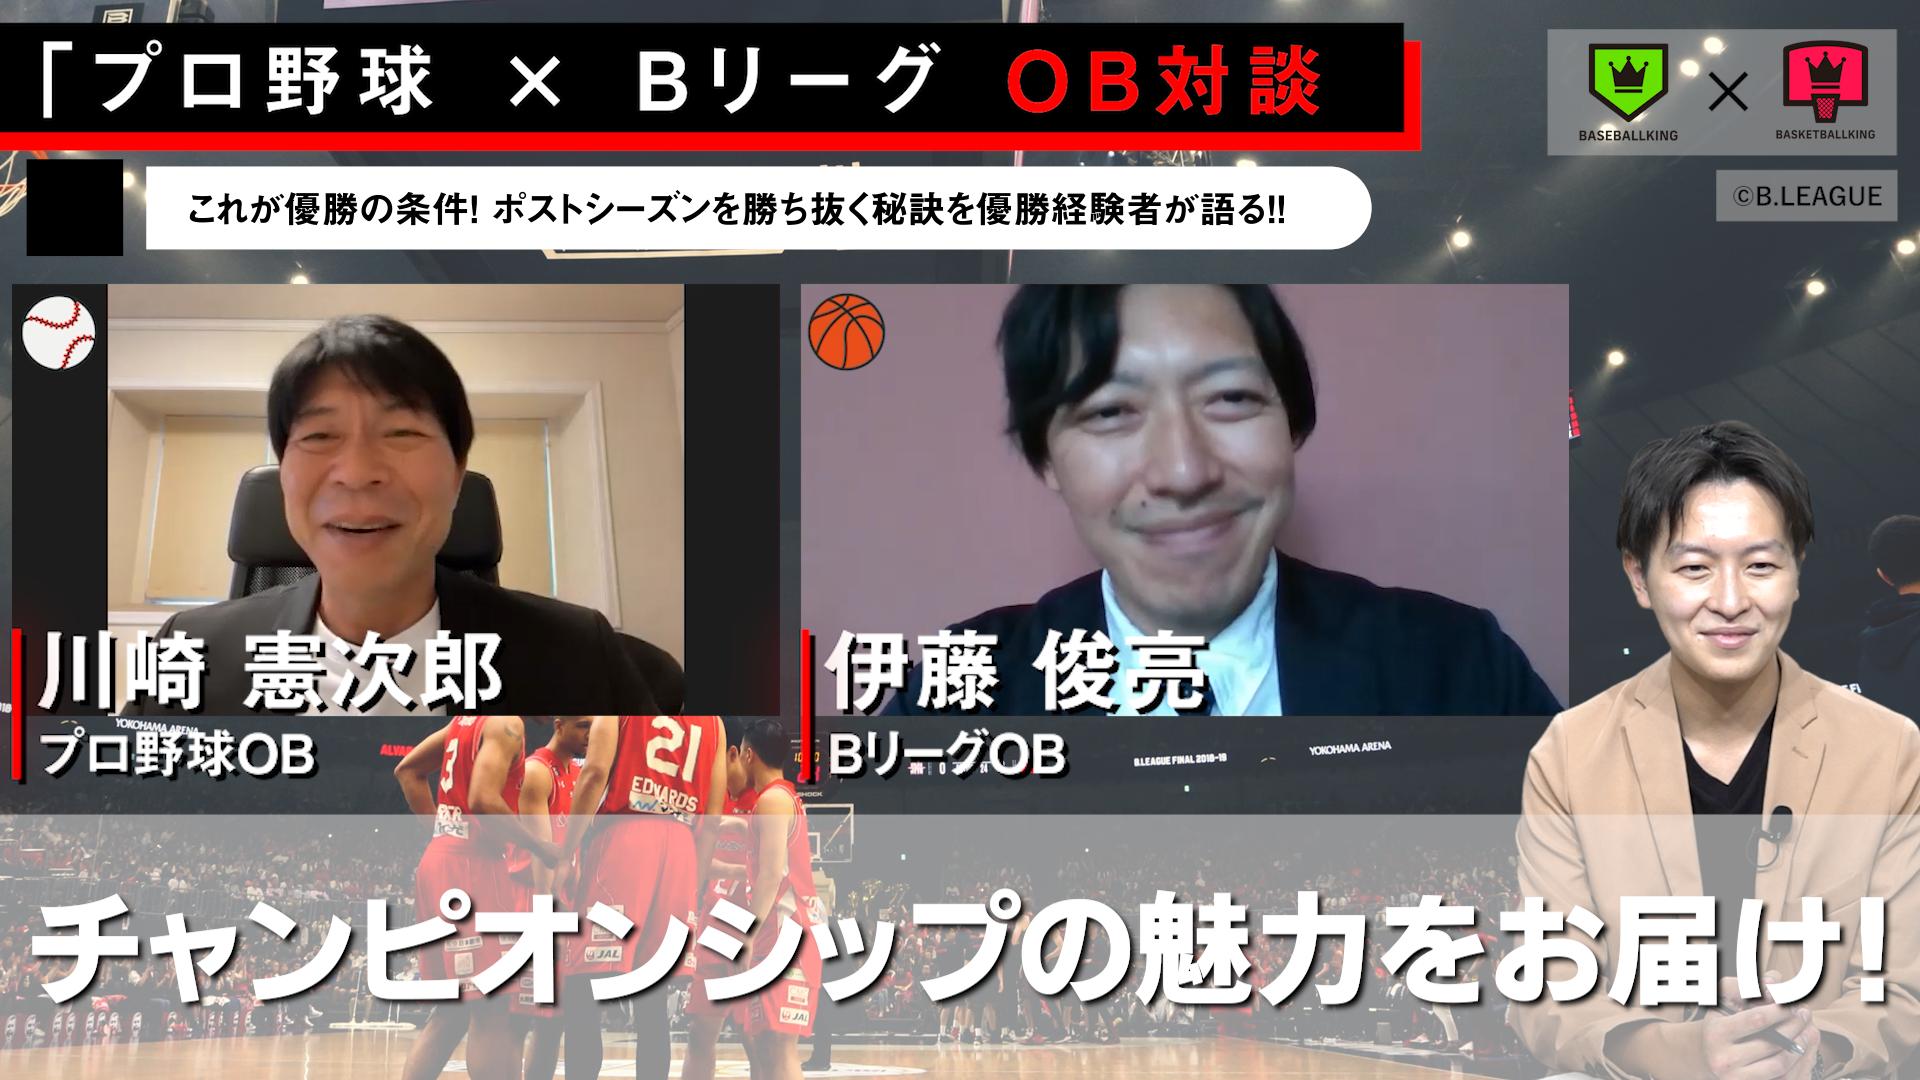 【プロ野球 × Bリーグ OB対談】川崎憲次郎&伊藤俊亮に聞くポストシーズンを勝ち抜く「勝てるチーム」の条件とは?